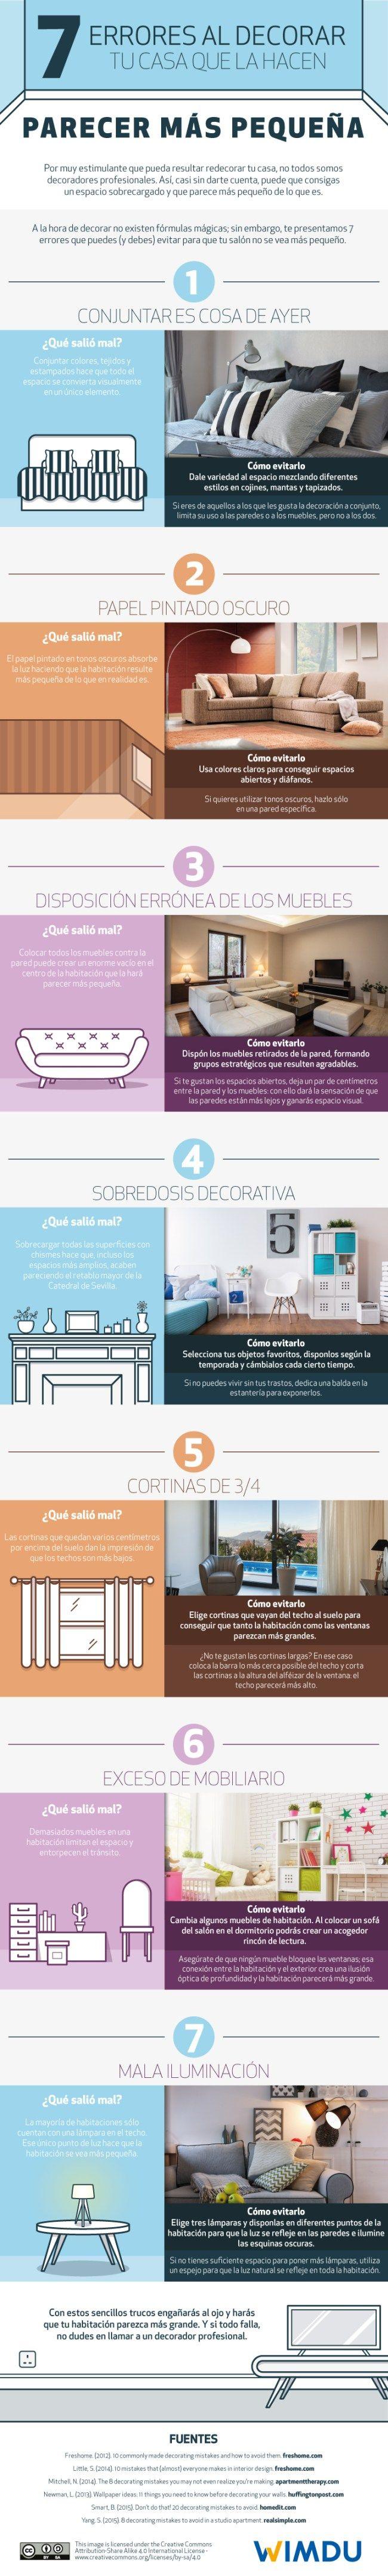 #DECORACIÓN Cómo hacer para que los espacios pequeños se vean más amplios http://www.organizartemagazine.com/decoracion-de-espacios-pequenos-trucos-para-que-parezcan-mas-grandes-infografia/